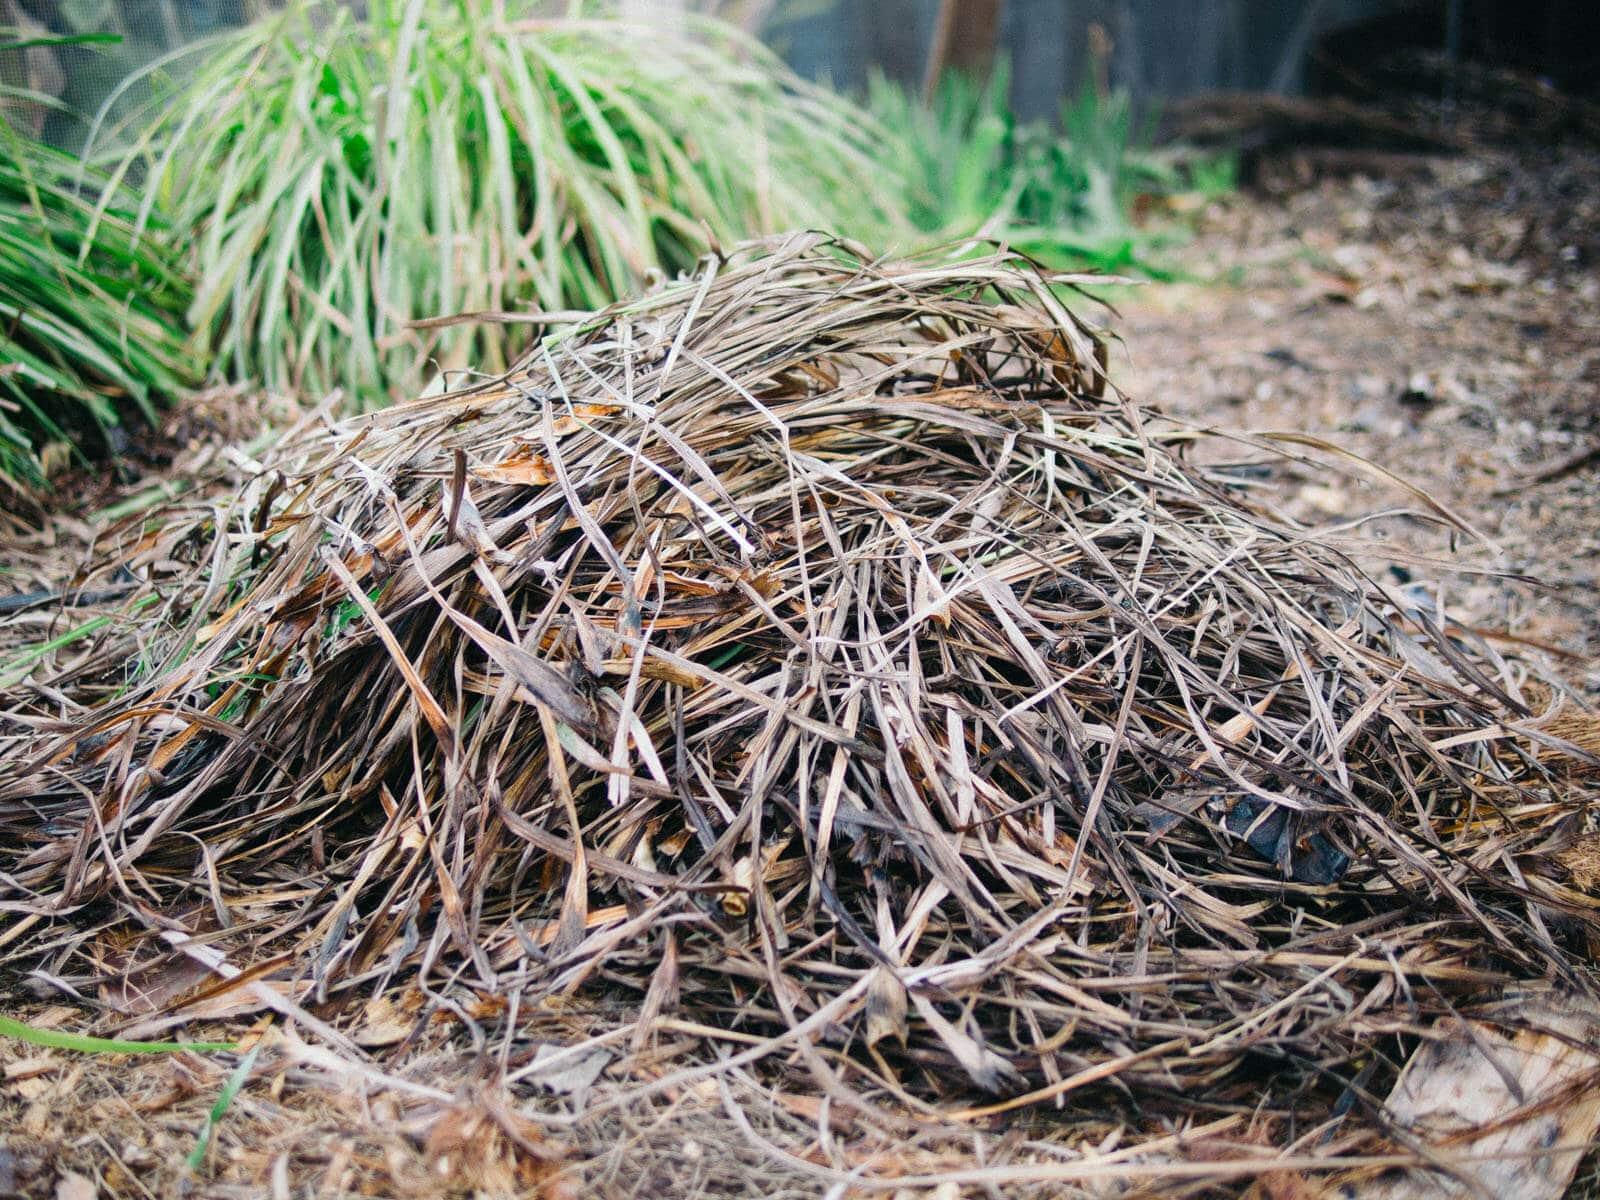 Dead lemongrass leaves